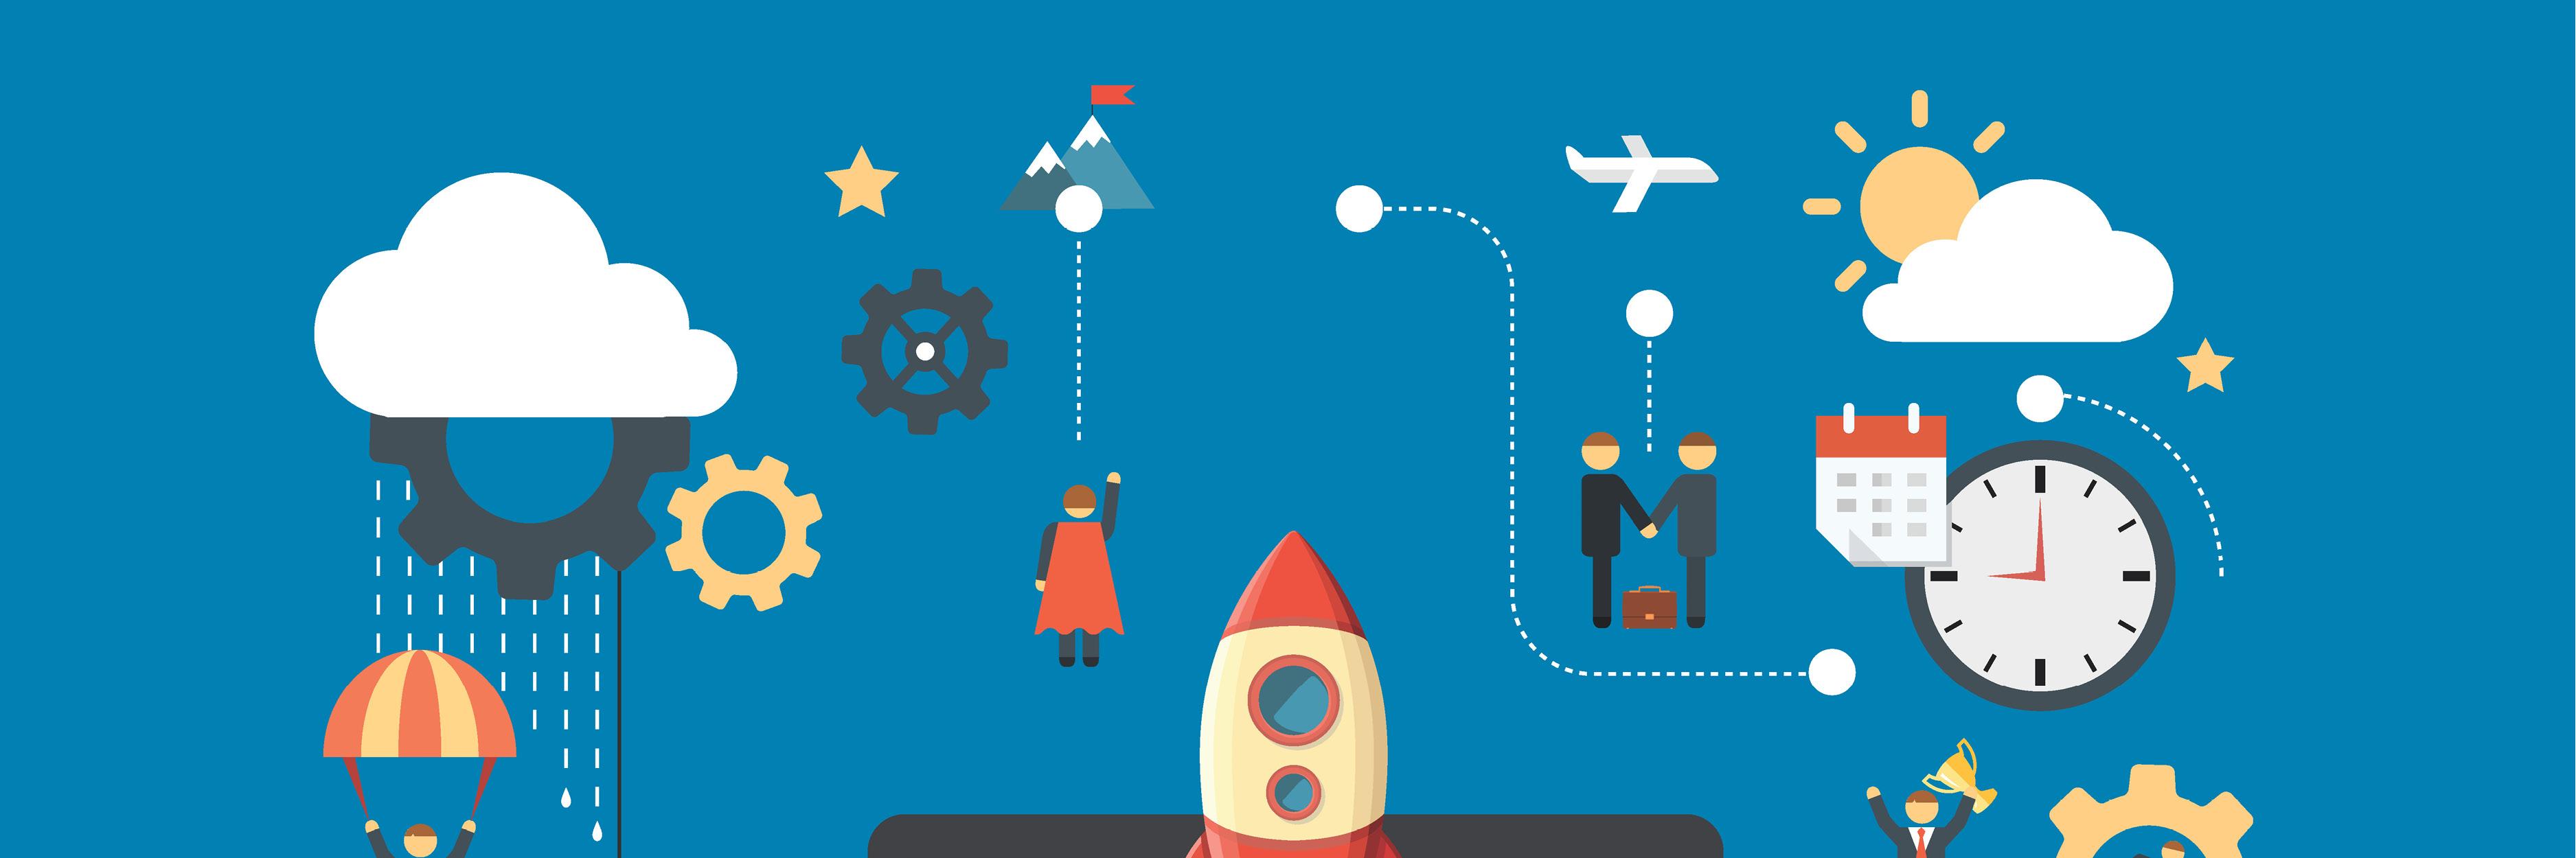 Devenir entrepreneur? Le livre clé